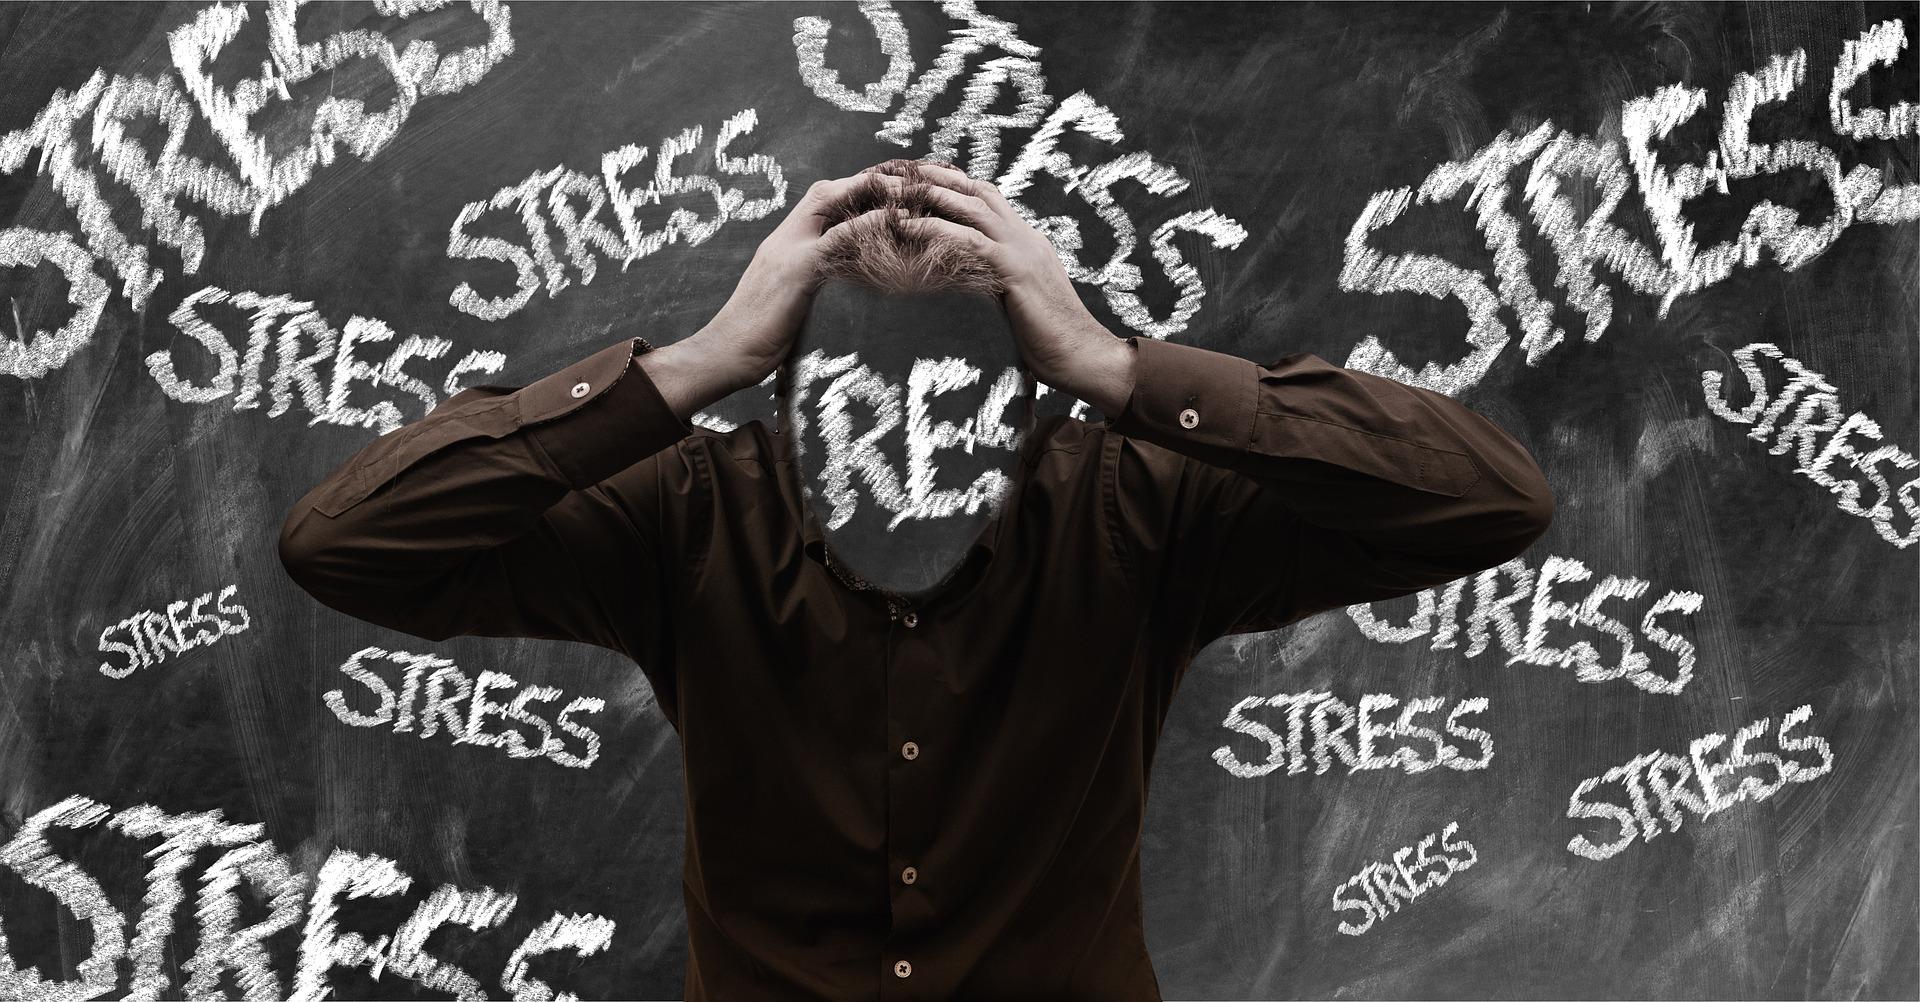 stress kan lijden tot een depressie